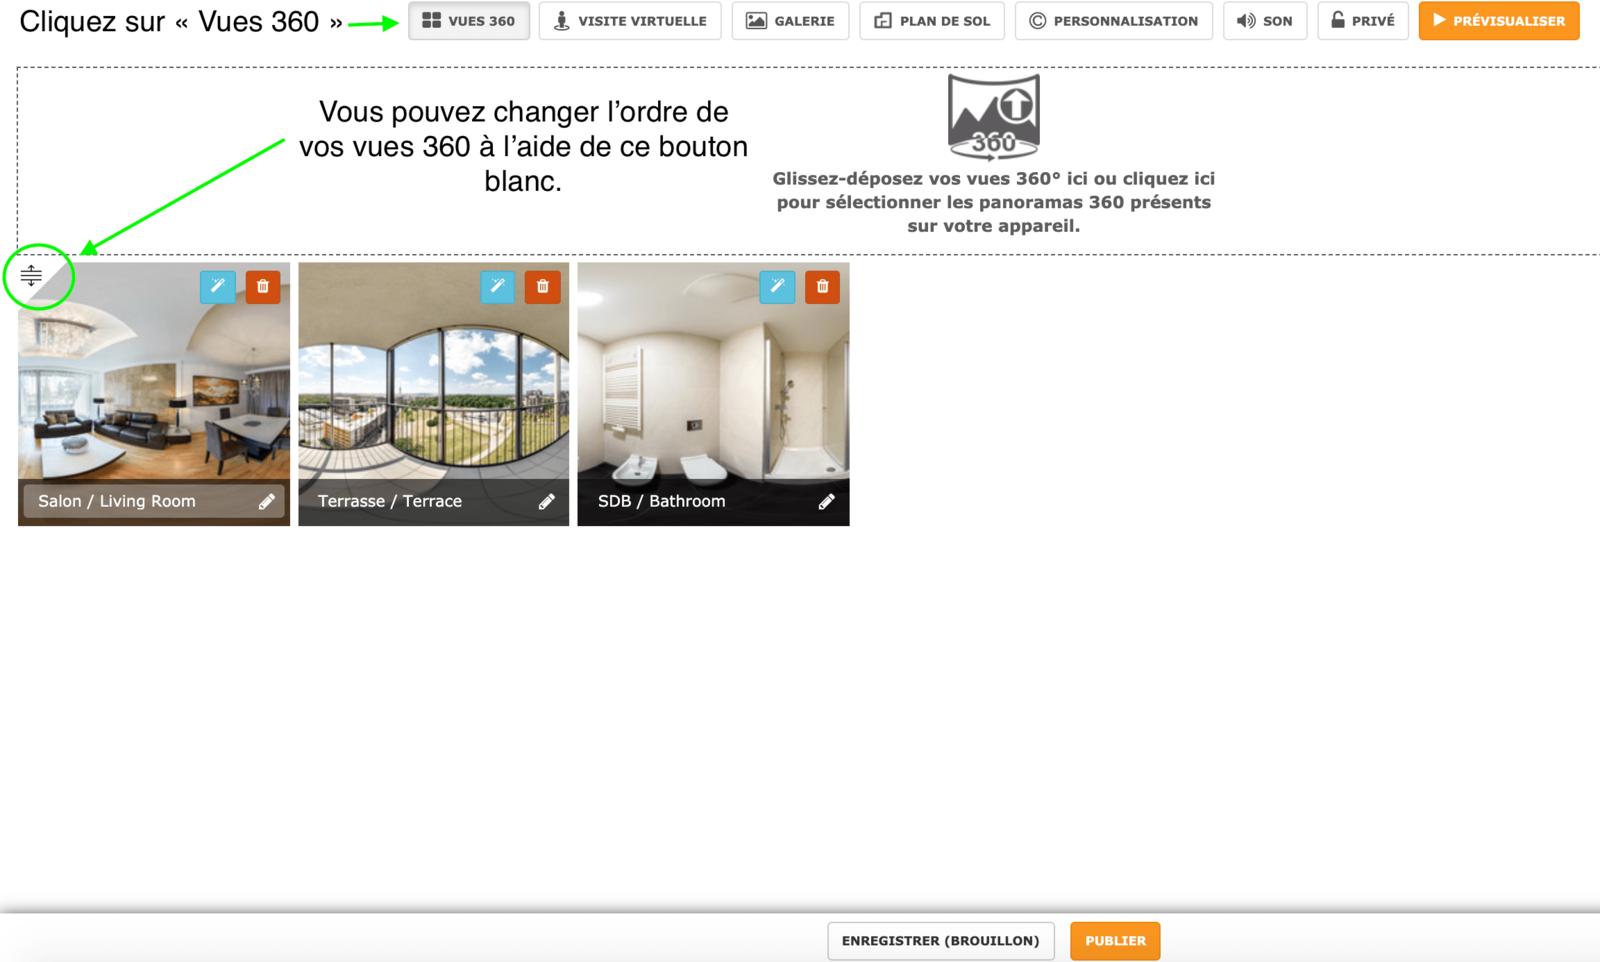 Modifier l'ordre des photos 360 dans votre visite virtuelle